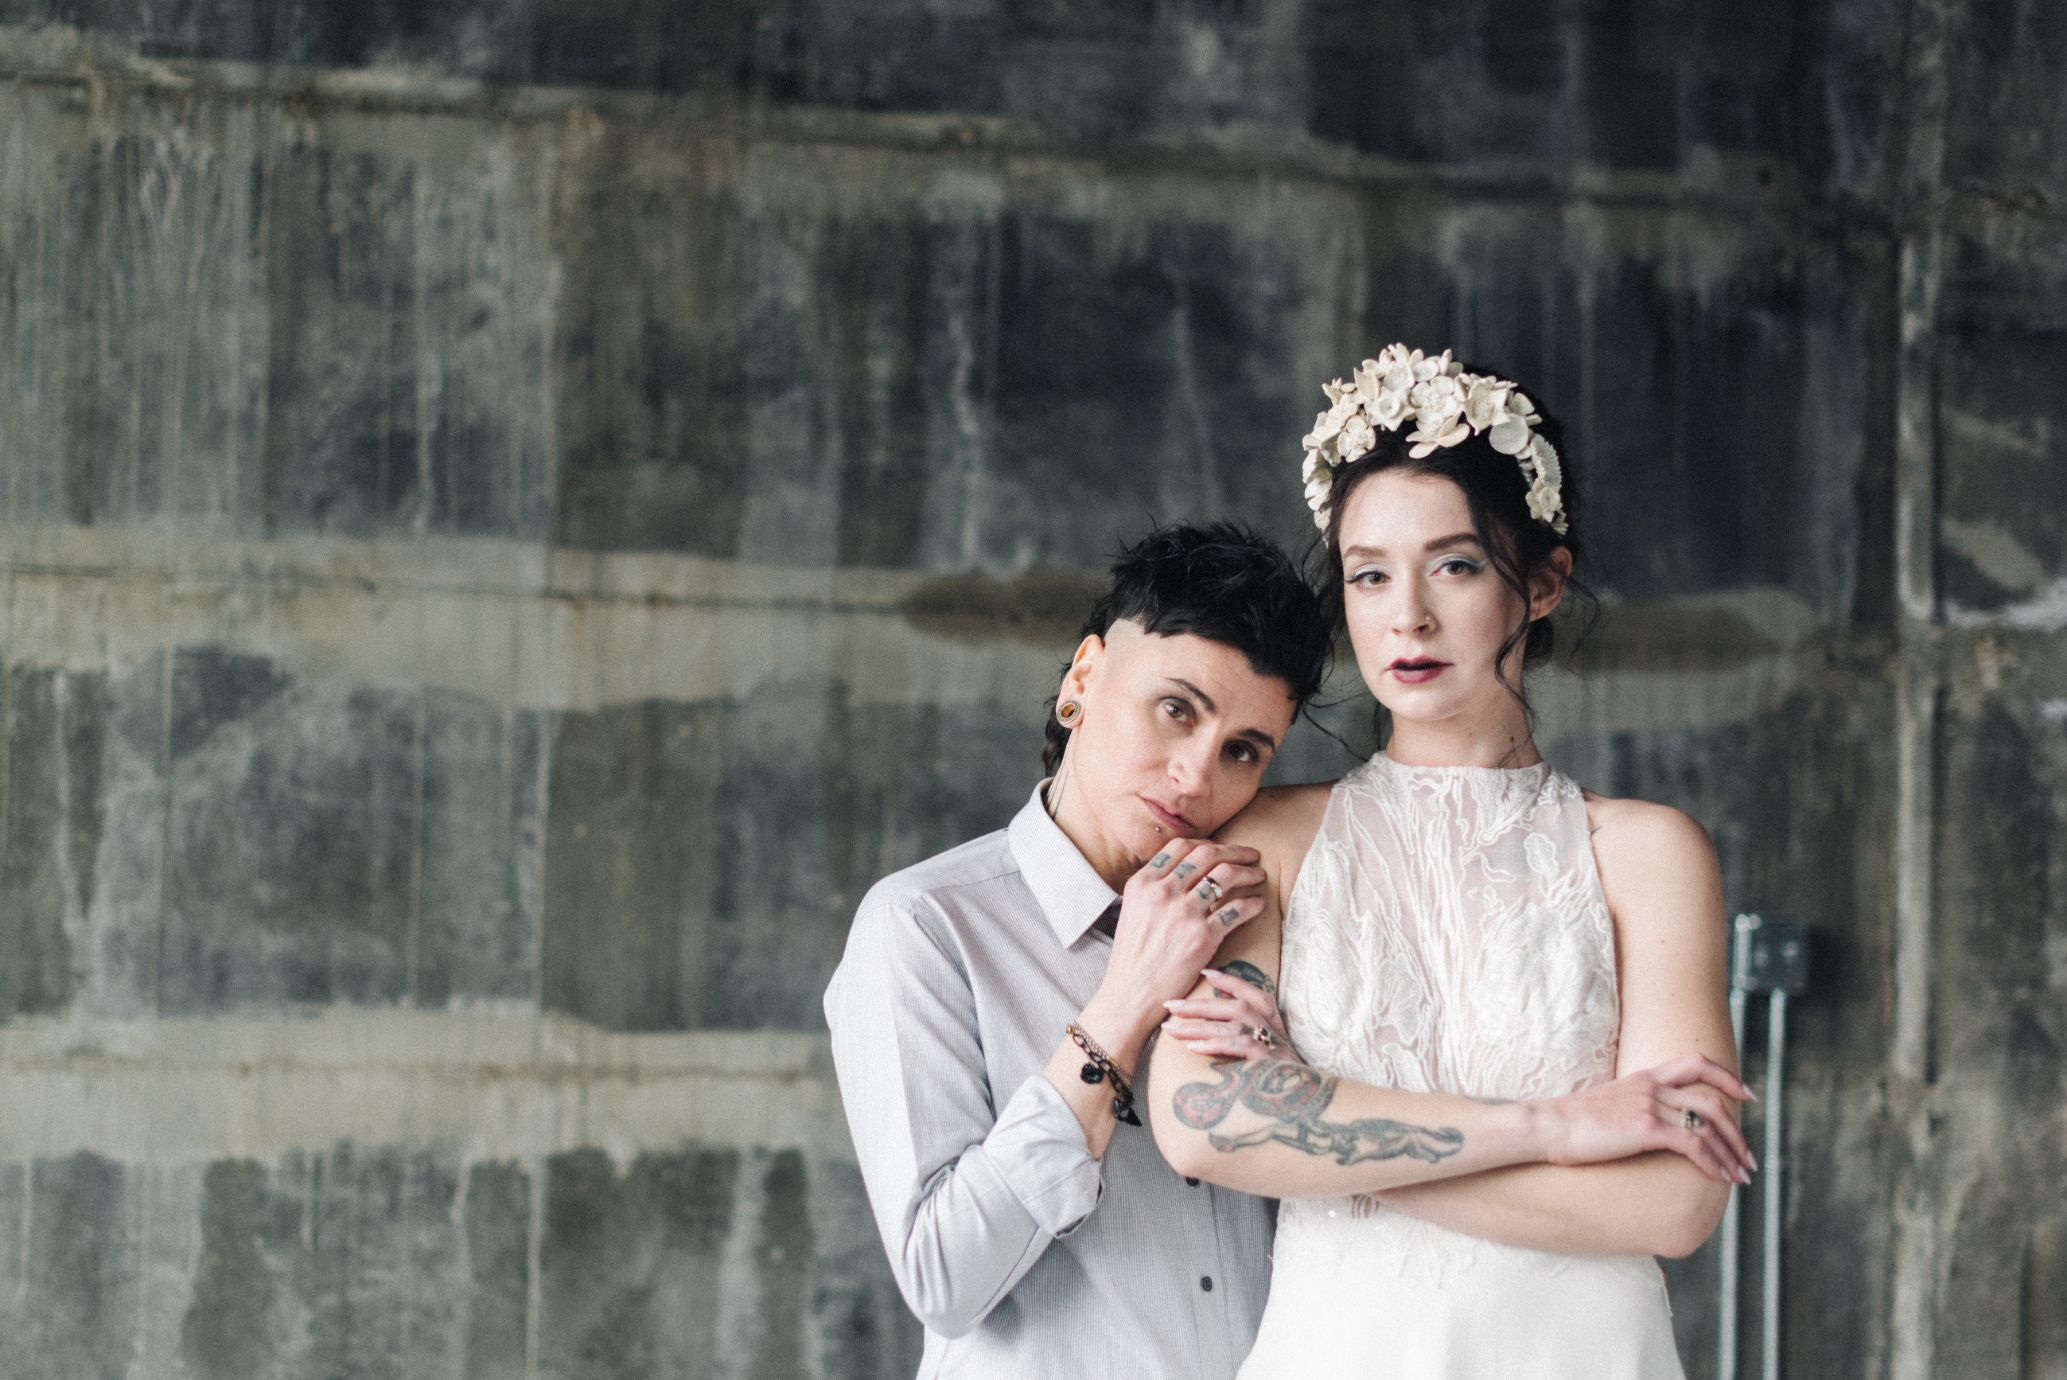 olio-peabody-boston-lesbian-wedding-style-daylynn-designs96.jpg